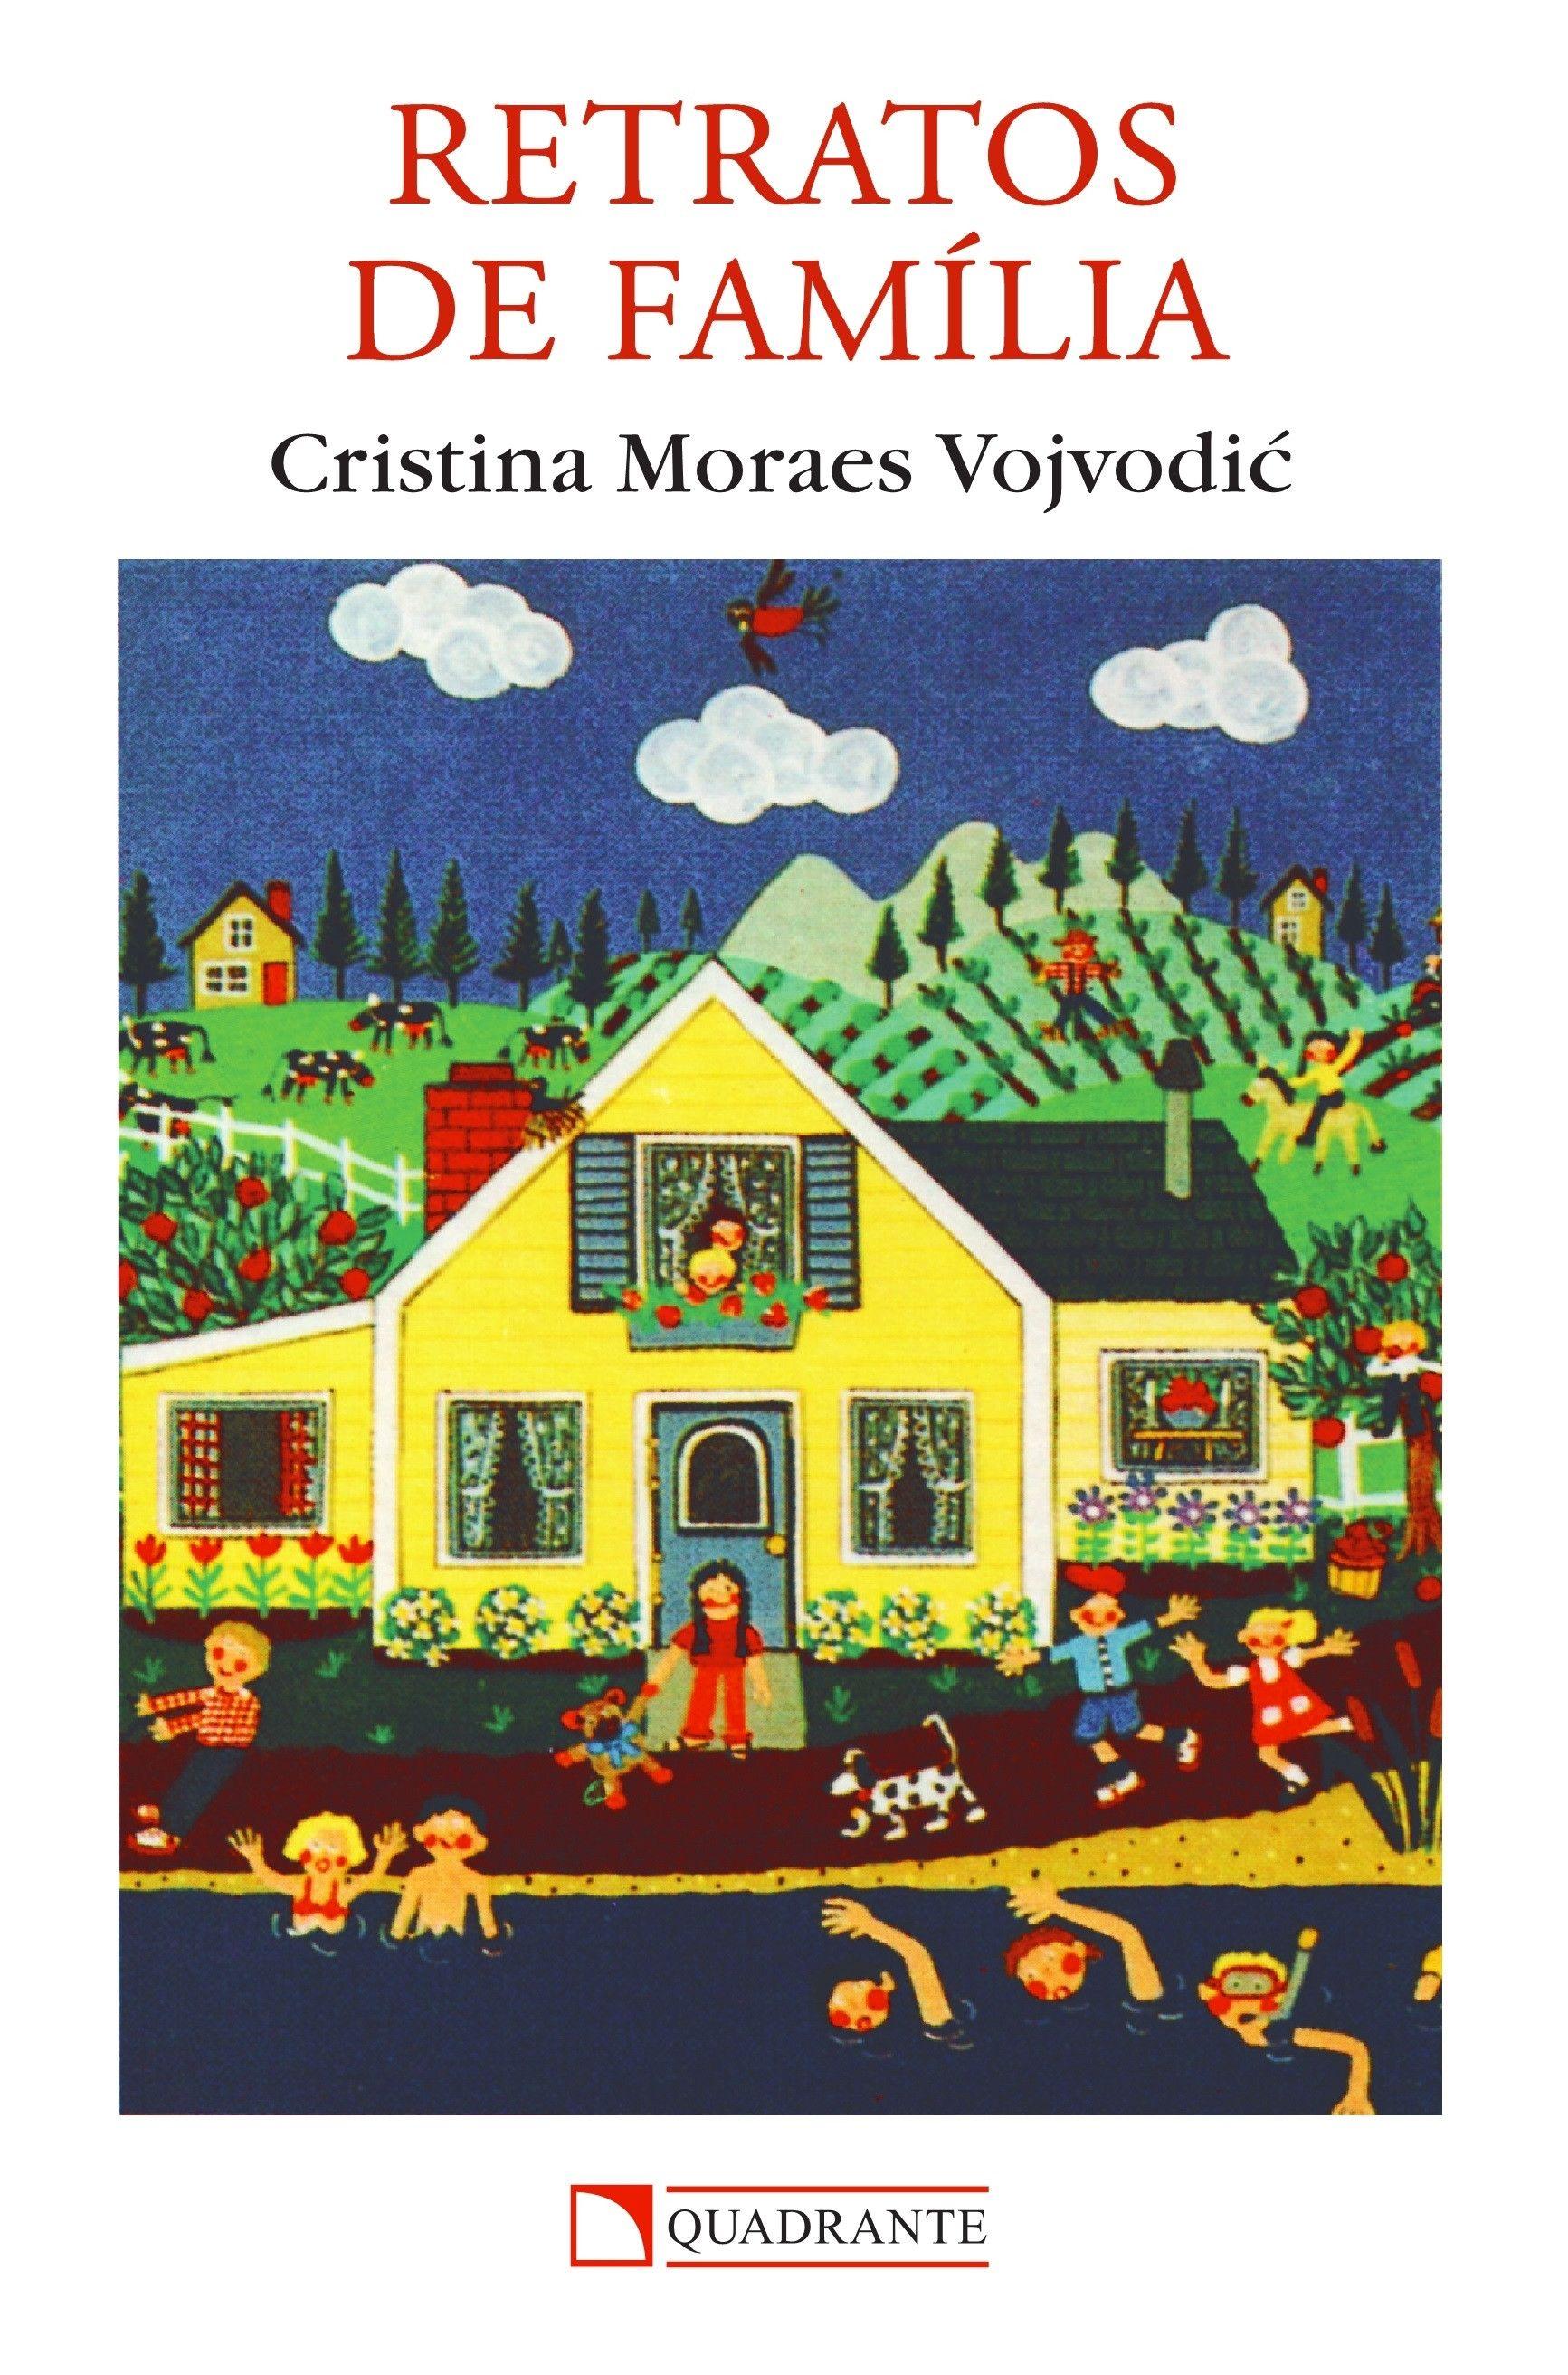 Livro Retratos de família